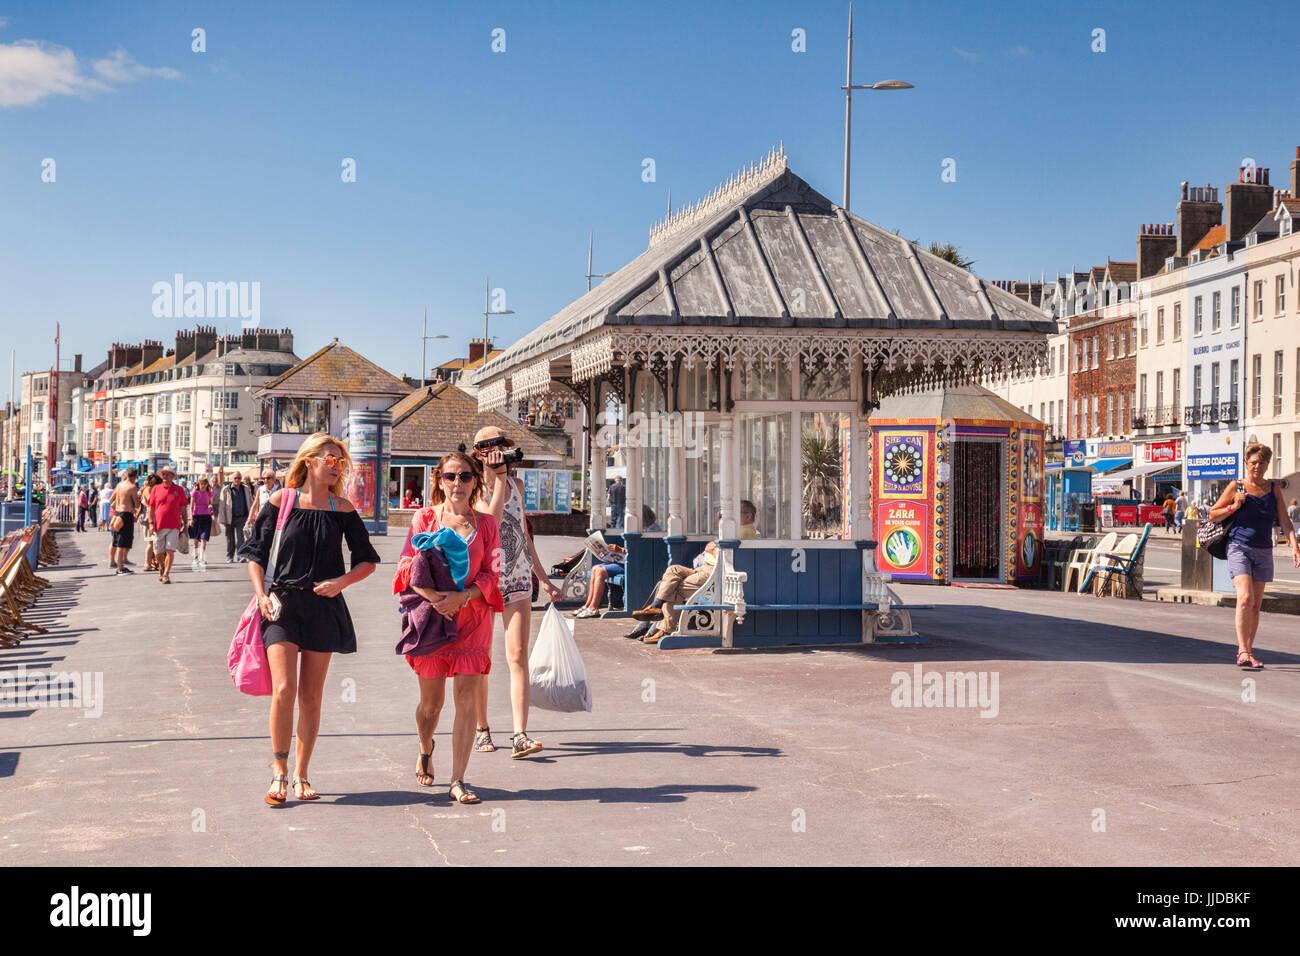 2. Juli 2017: Weymouth, Dorset, England, UK - Besucher auf der Promenade an einem heißen Sommertag im Juli. Stockfoto